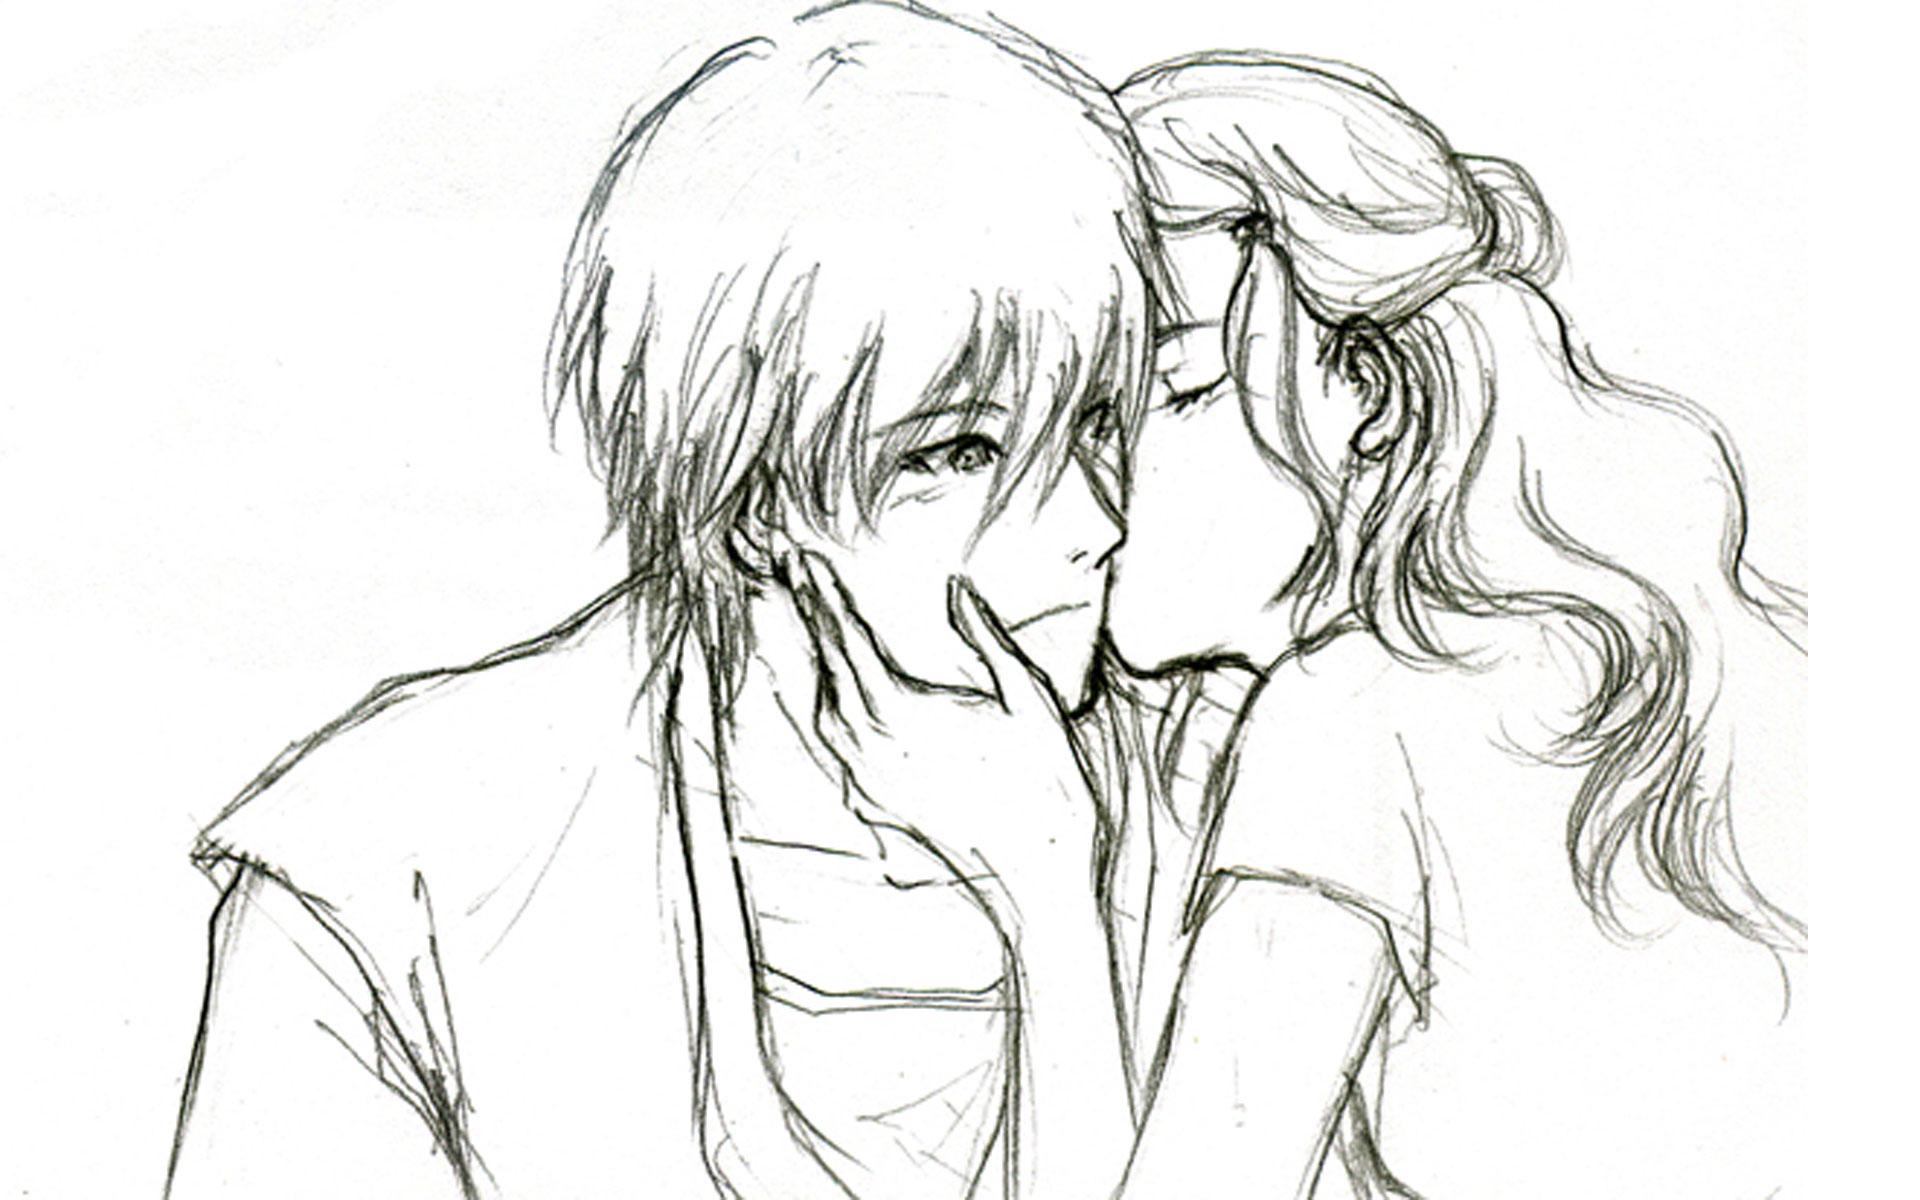 1920x1200 Colorful Pencil Sketch Love Photos Hd